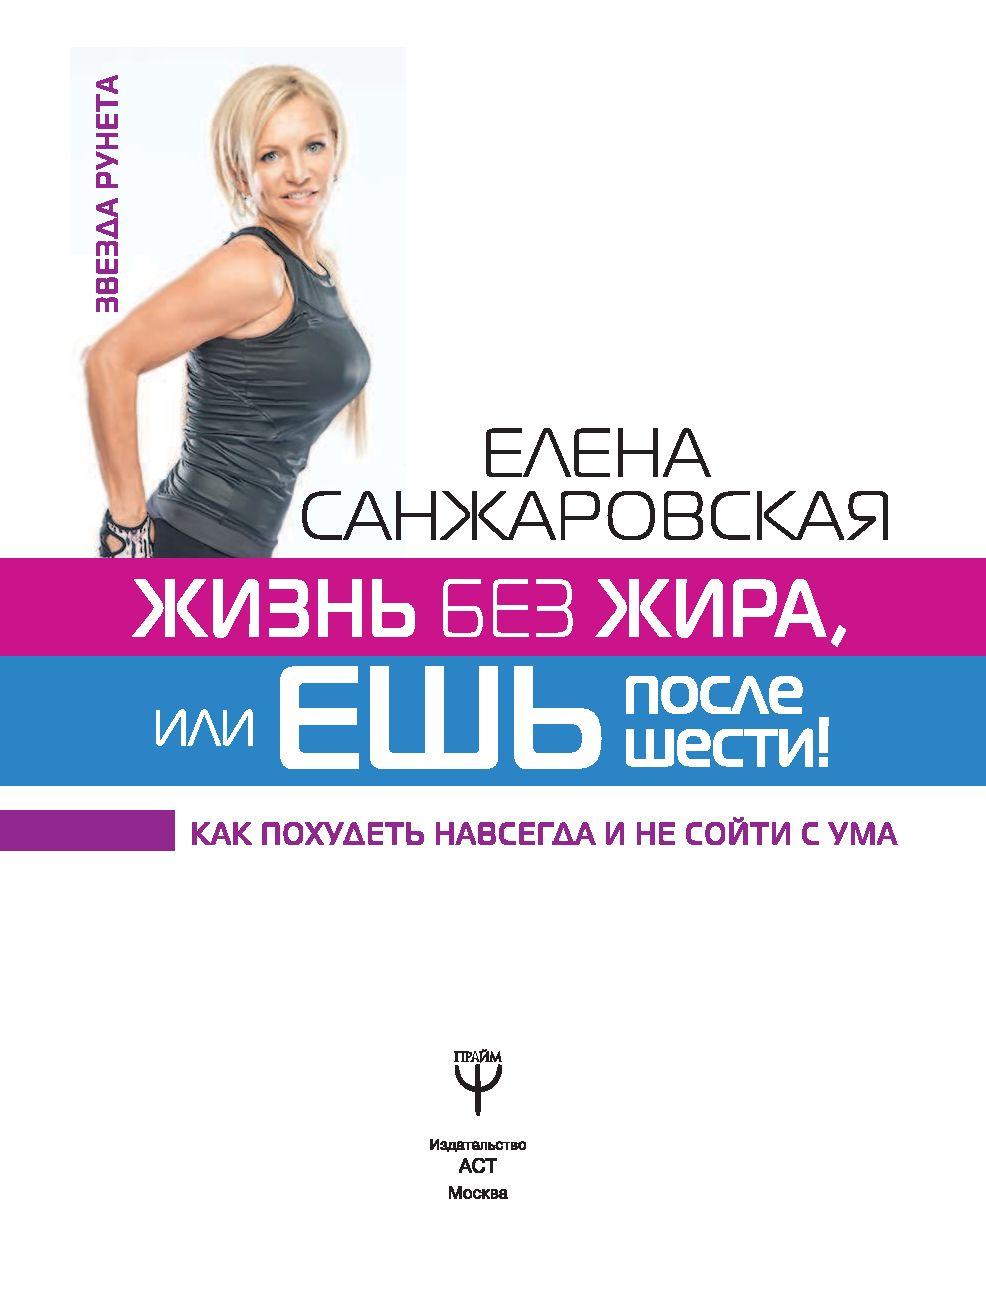 Книги По Психологии О Похудении. Книги, мотивирующие на похудение о правильном питании